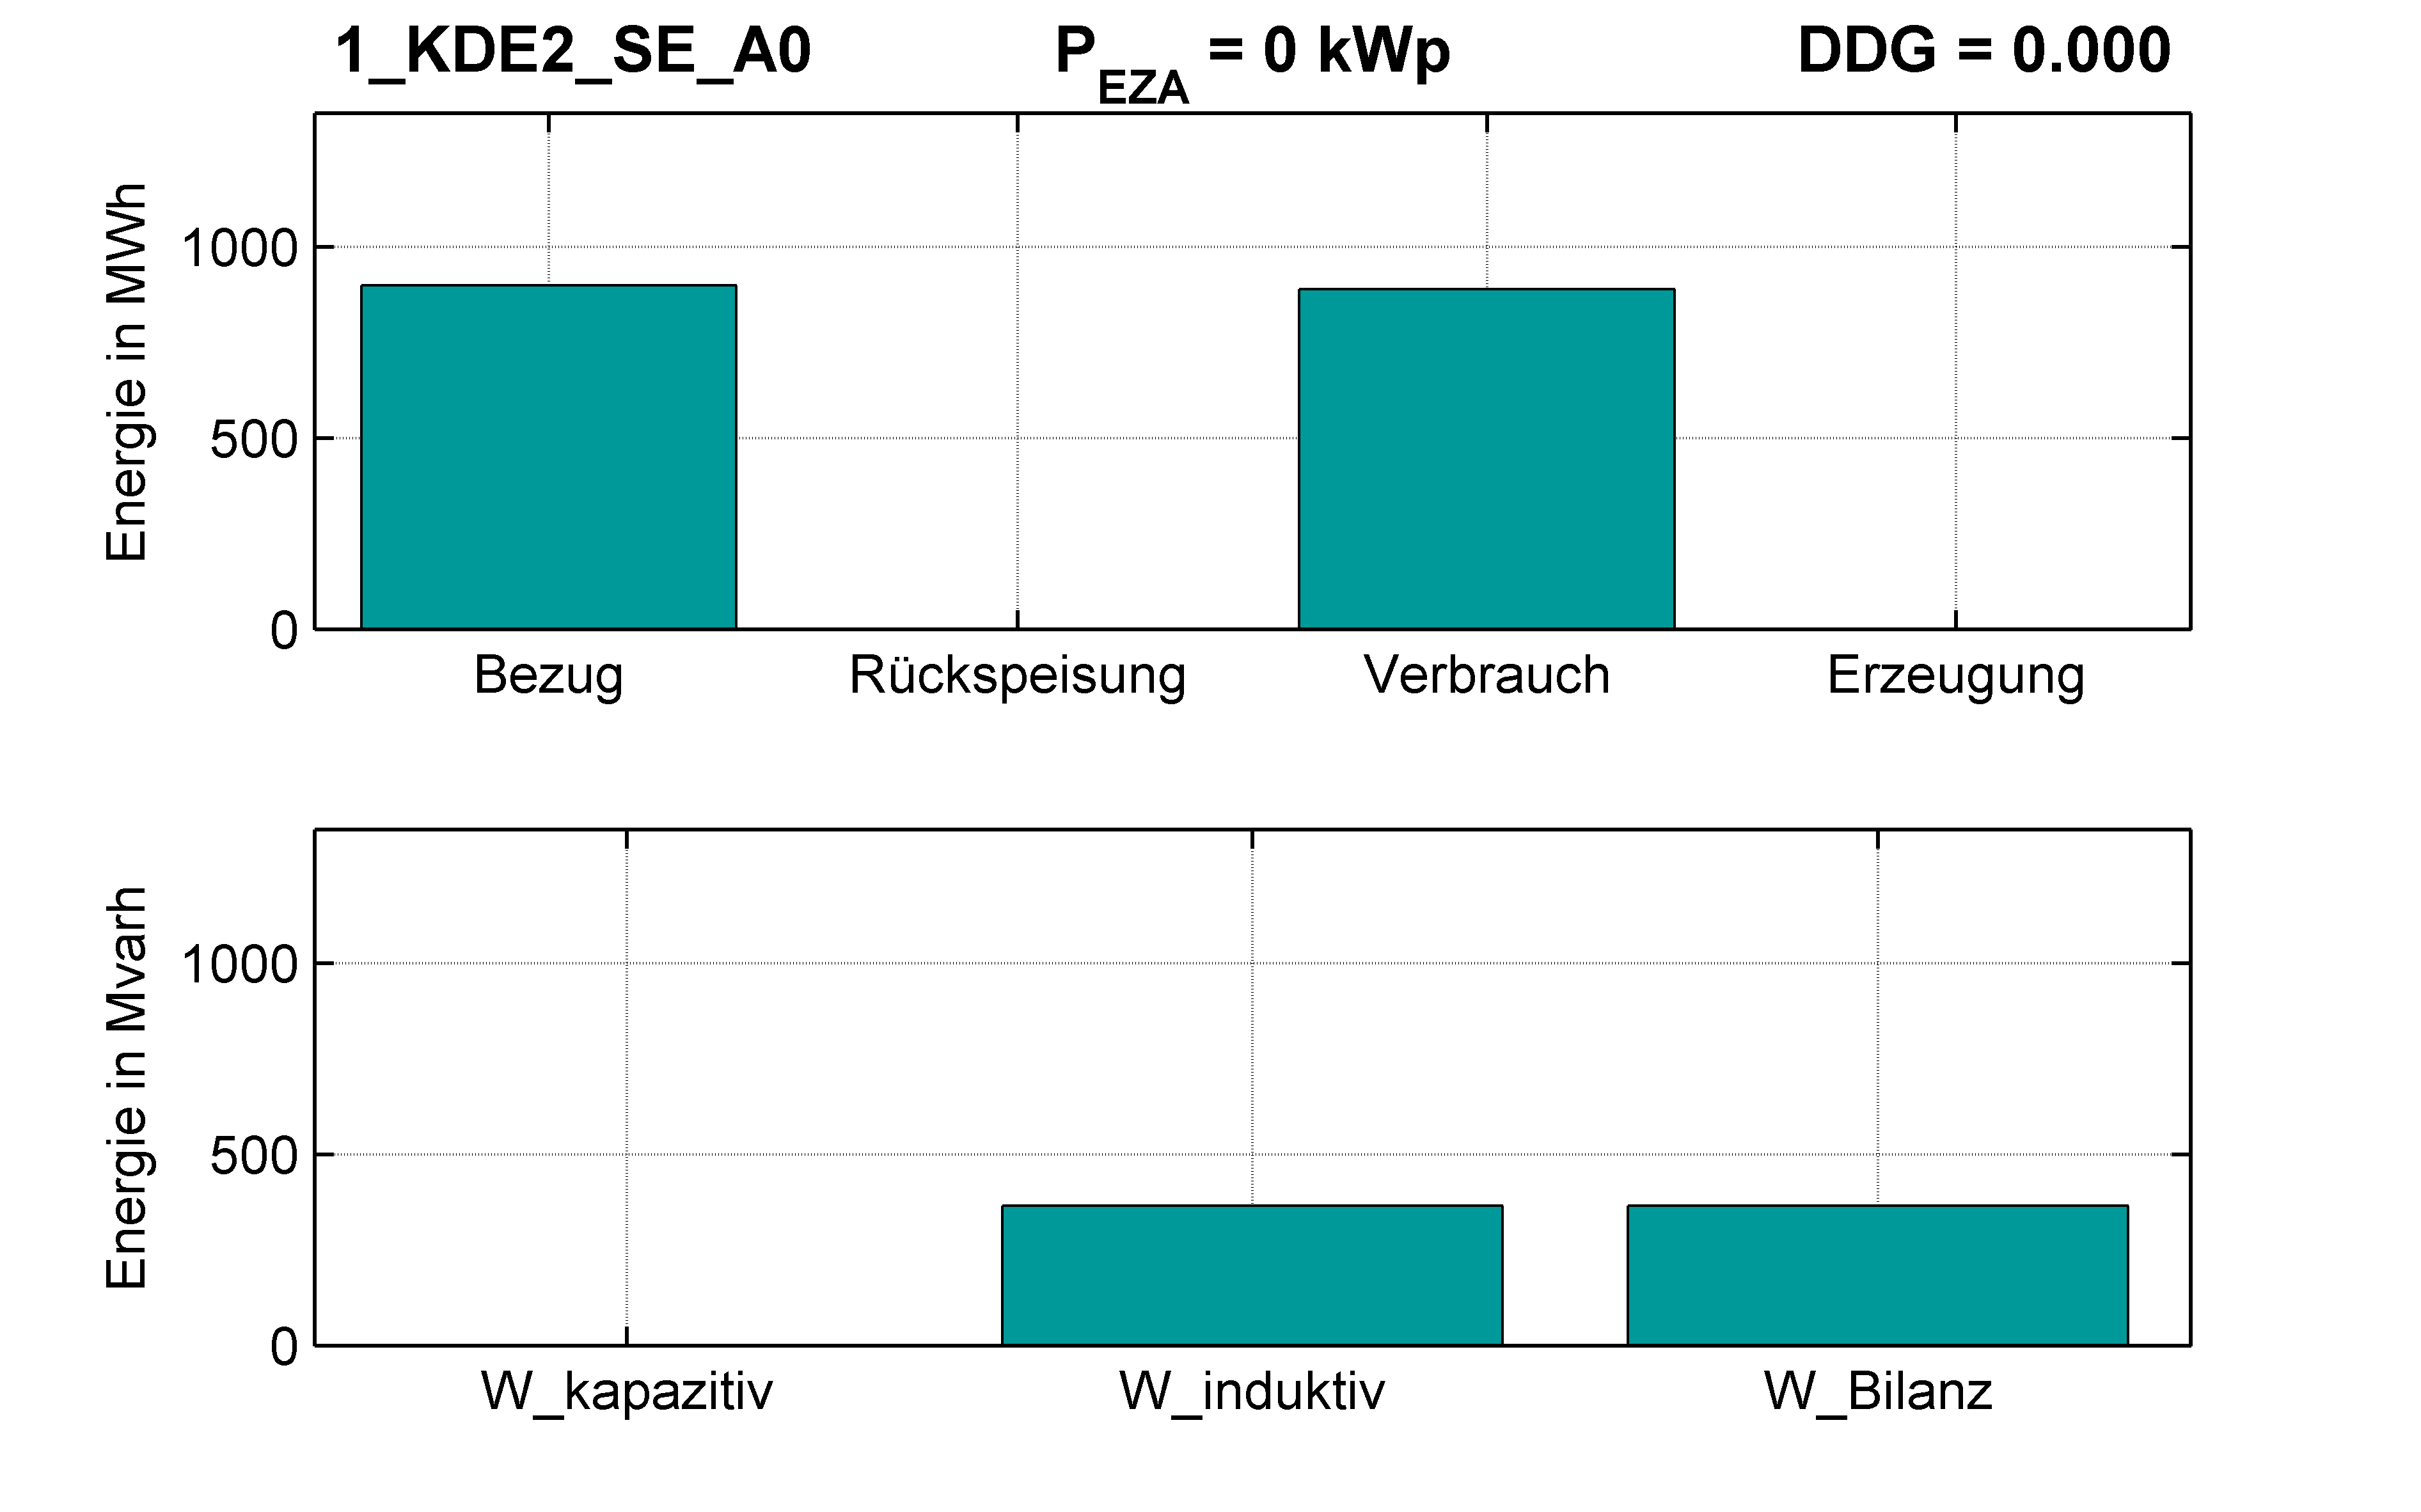 KDE2 | KABEL (SE) A0 | PQ-Bilanz